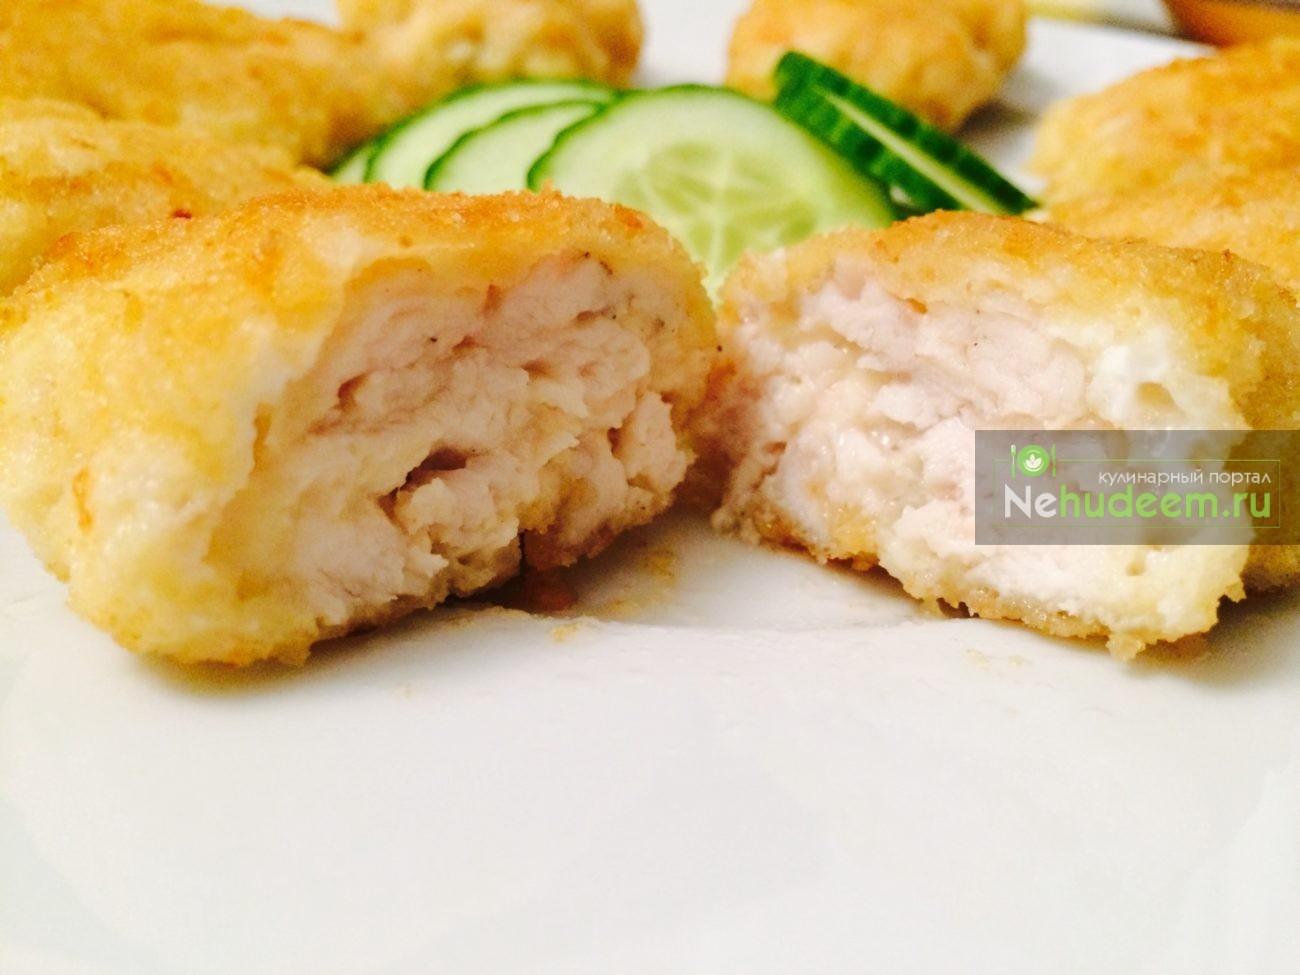 Рецепт наггетсов из курицы с сыром в домашних условиях пошагово